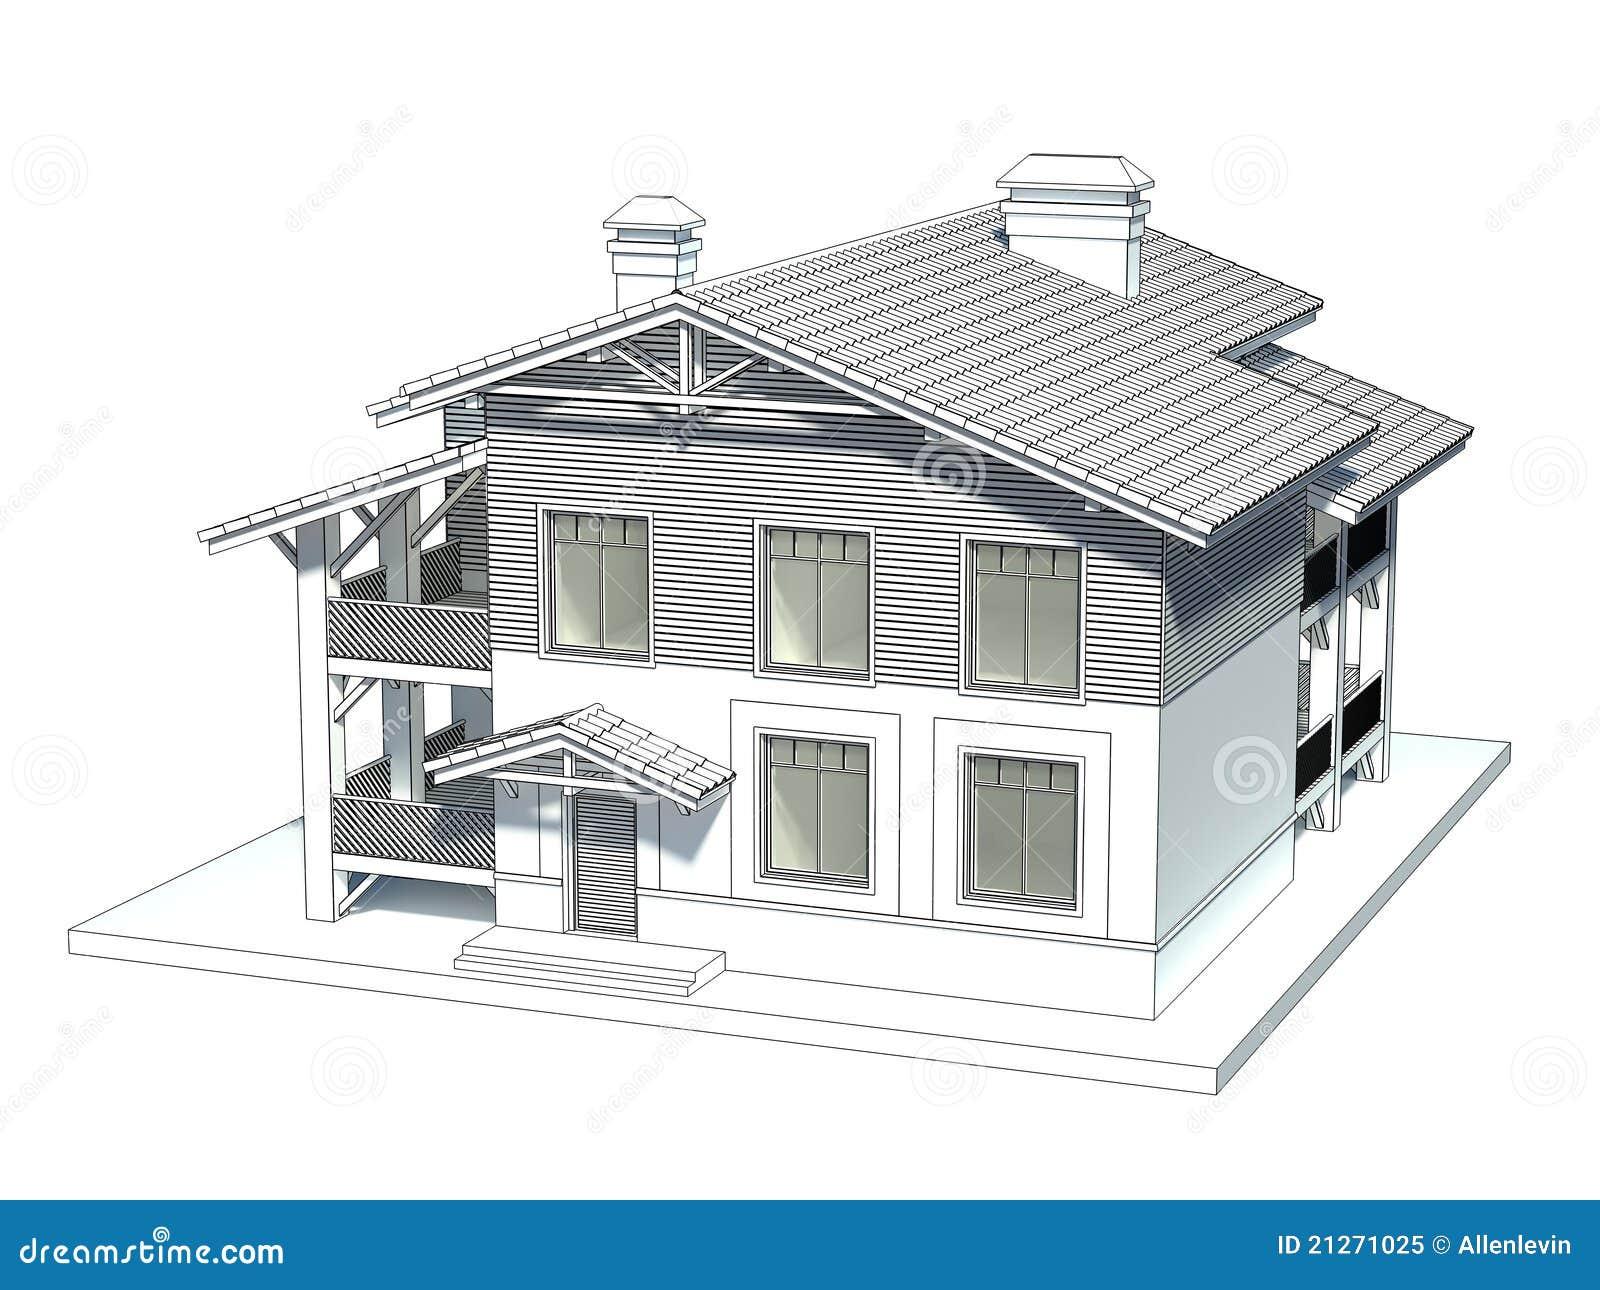 Croquis Maison : Croquis de la maison illustration stock du